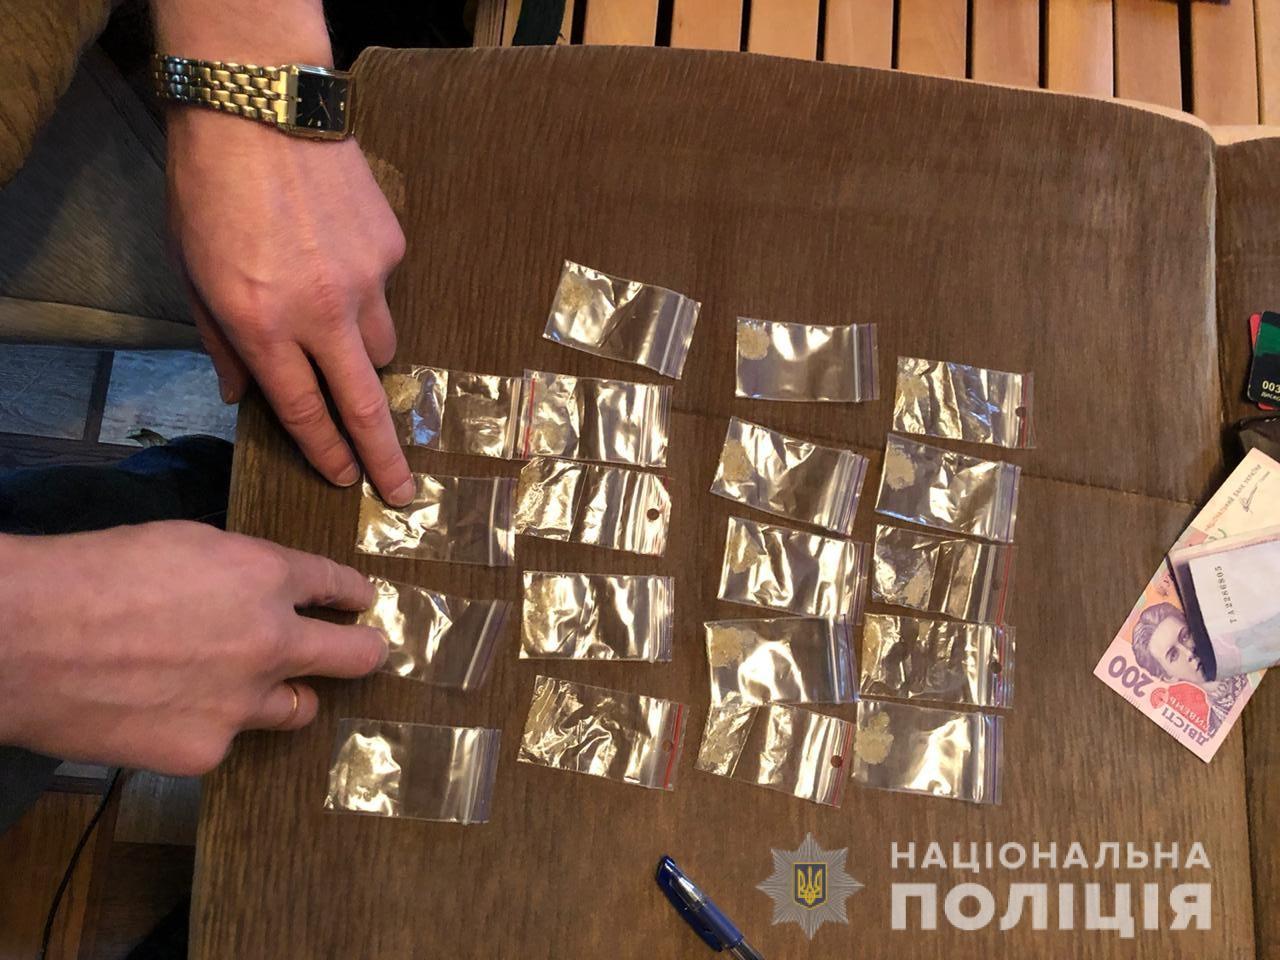 В Днепре разоблачили наркогруппировку с деньгами и оружием. Новости Днепра